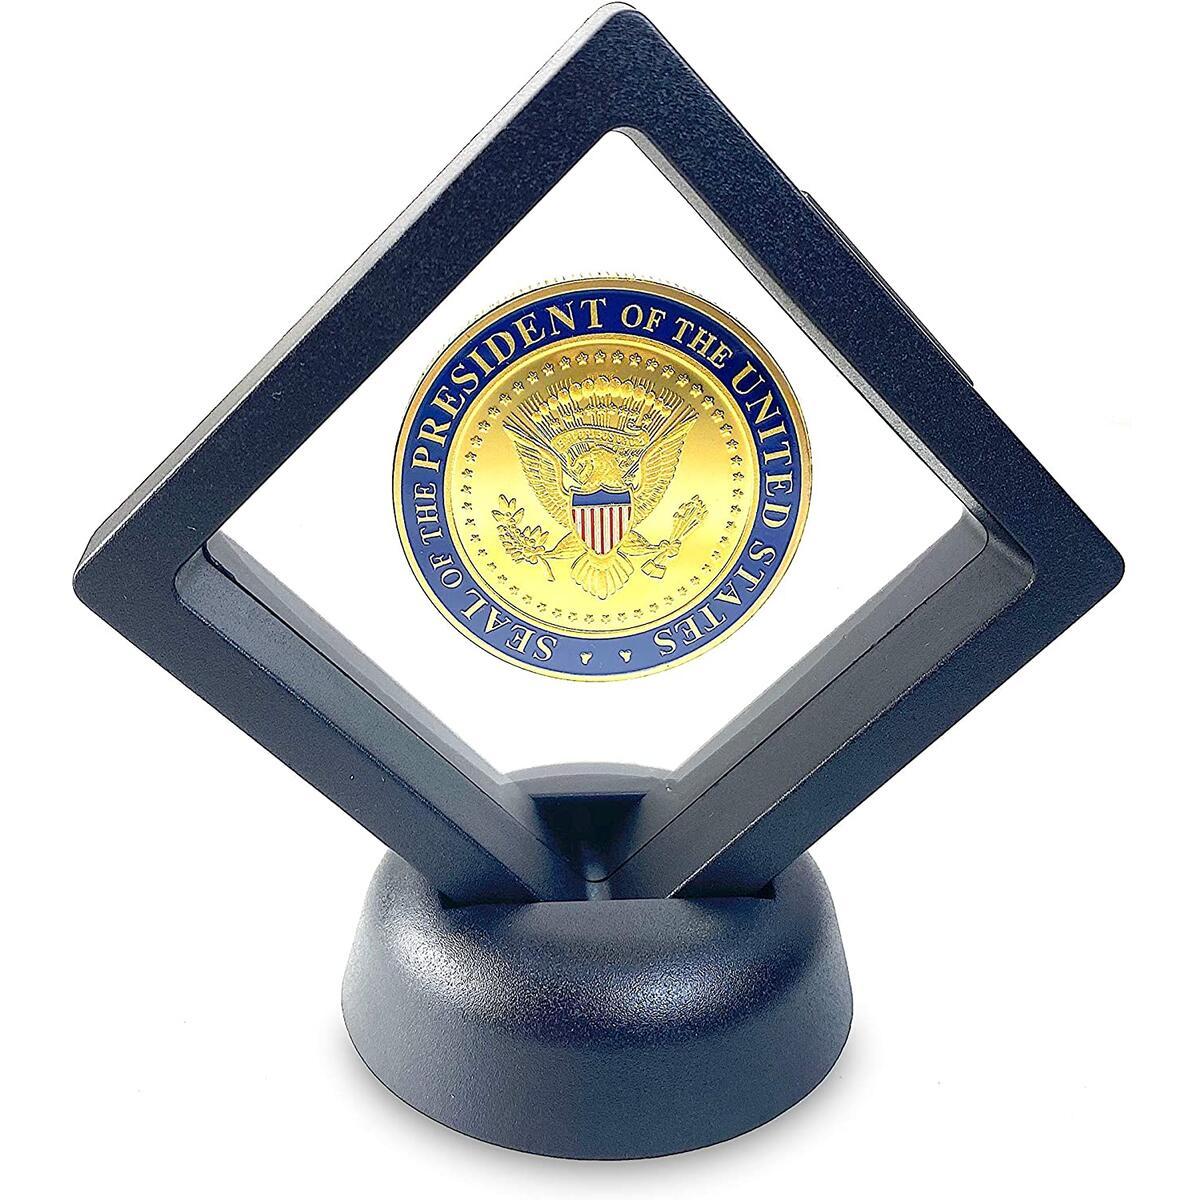 Joe Biden, Biden 2020, Biden 2020 Flag, Gold, Collectible Coin, Coins, Biden Gift, Presidential Coin, Biden Flag